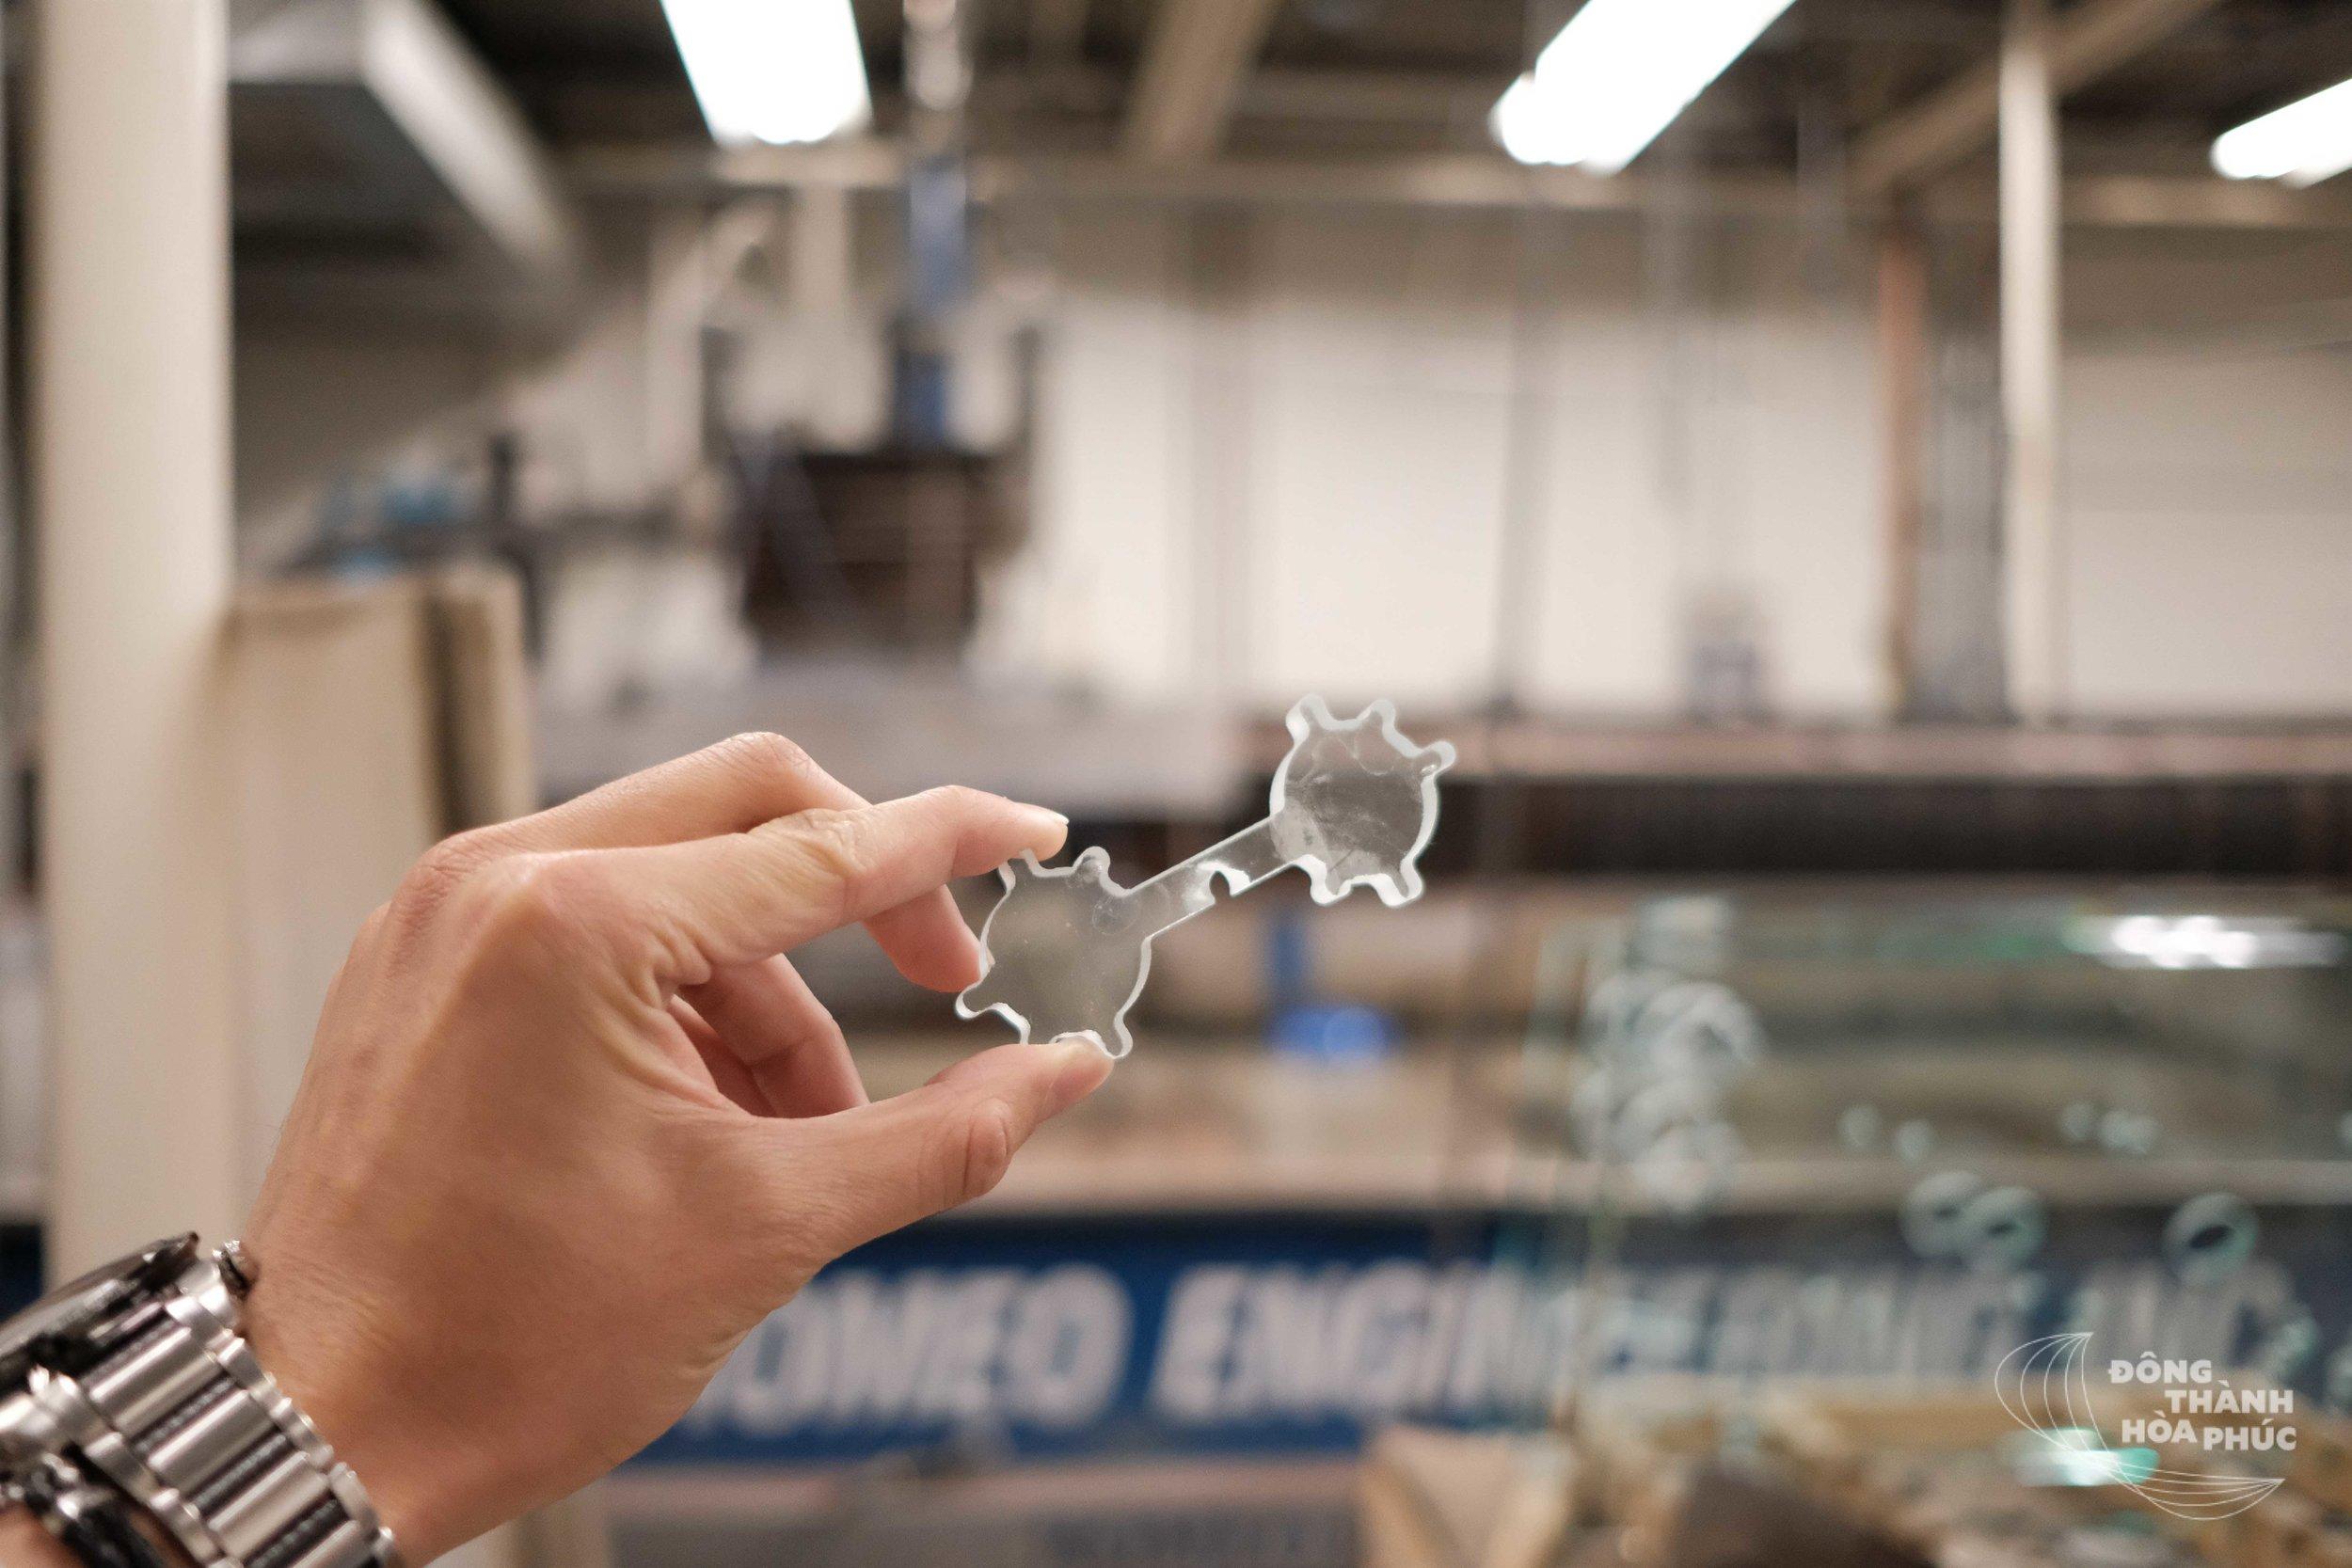 Cận cảnh độ tinh xảo của một mẫu kính được cắt ra khỏi mặt kính MTI100